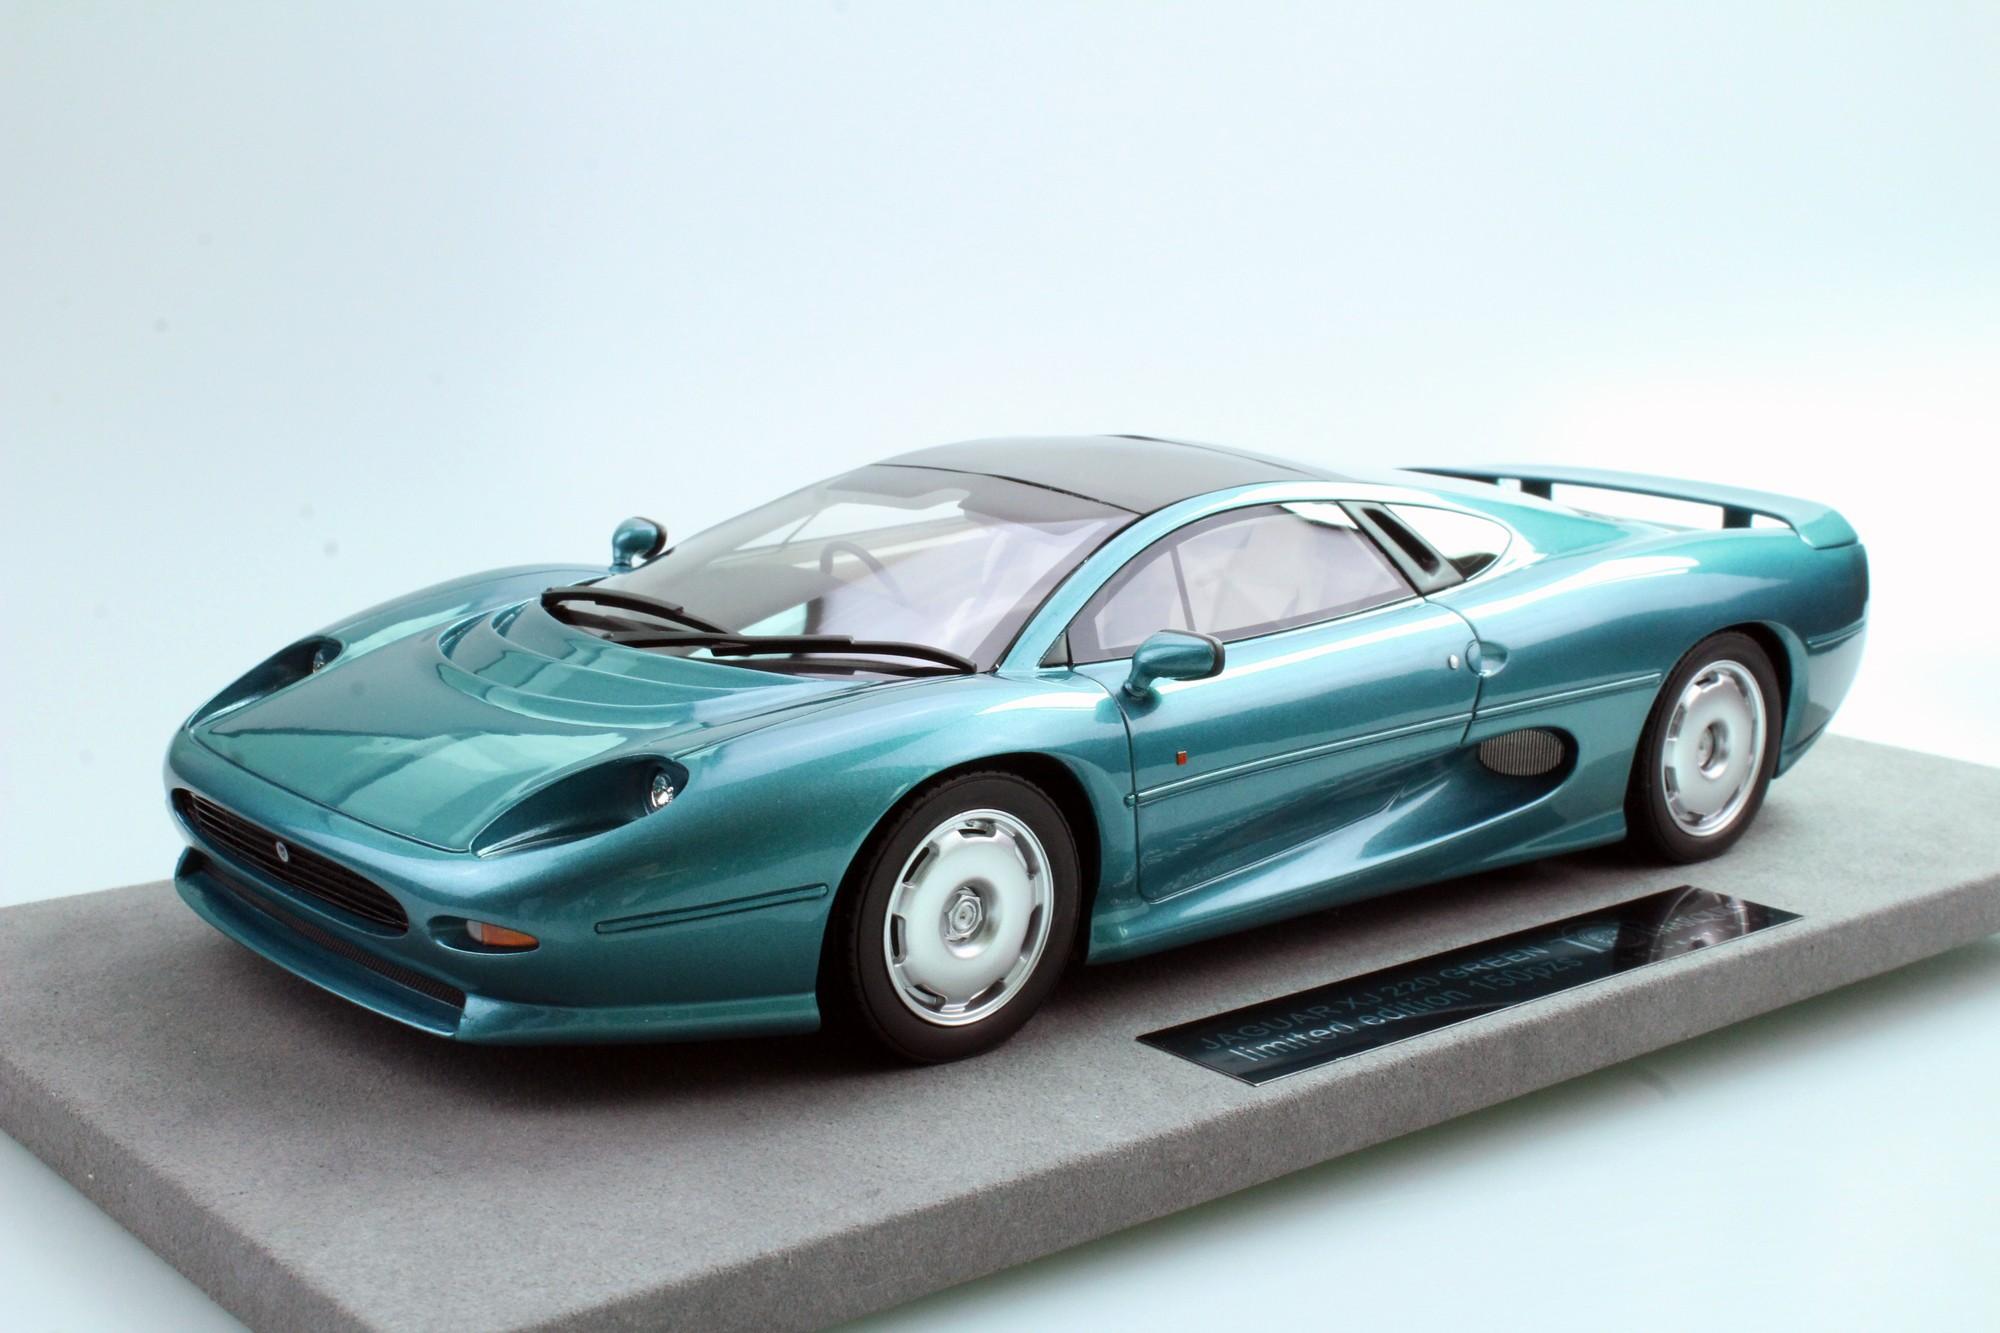 top marques collectibles jaguar xj220 1 18 green top39a. Black Bedroom Furniture Sets. Home Design Ideas